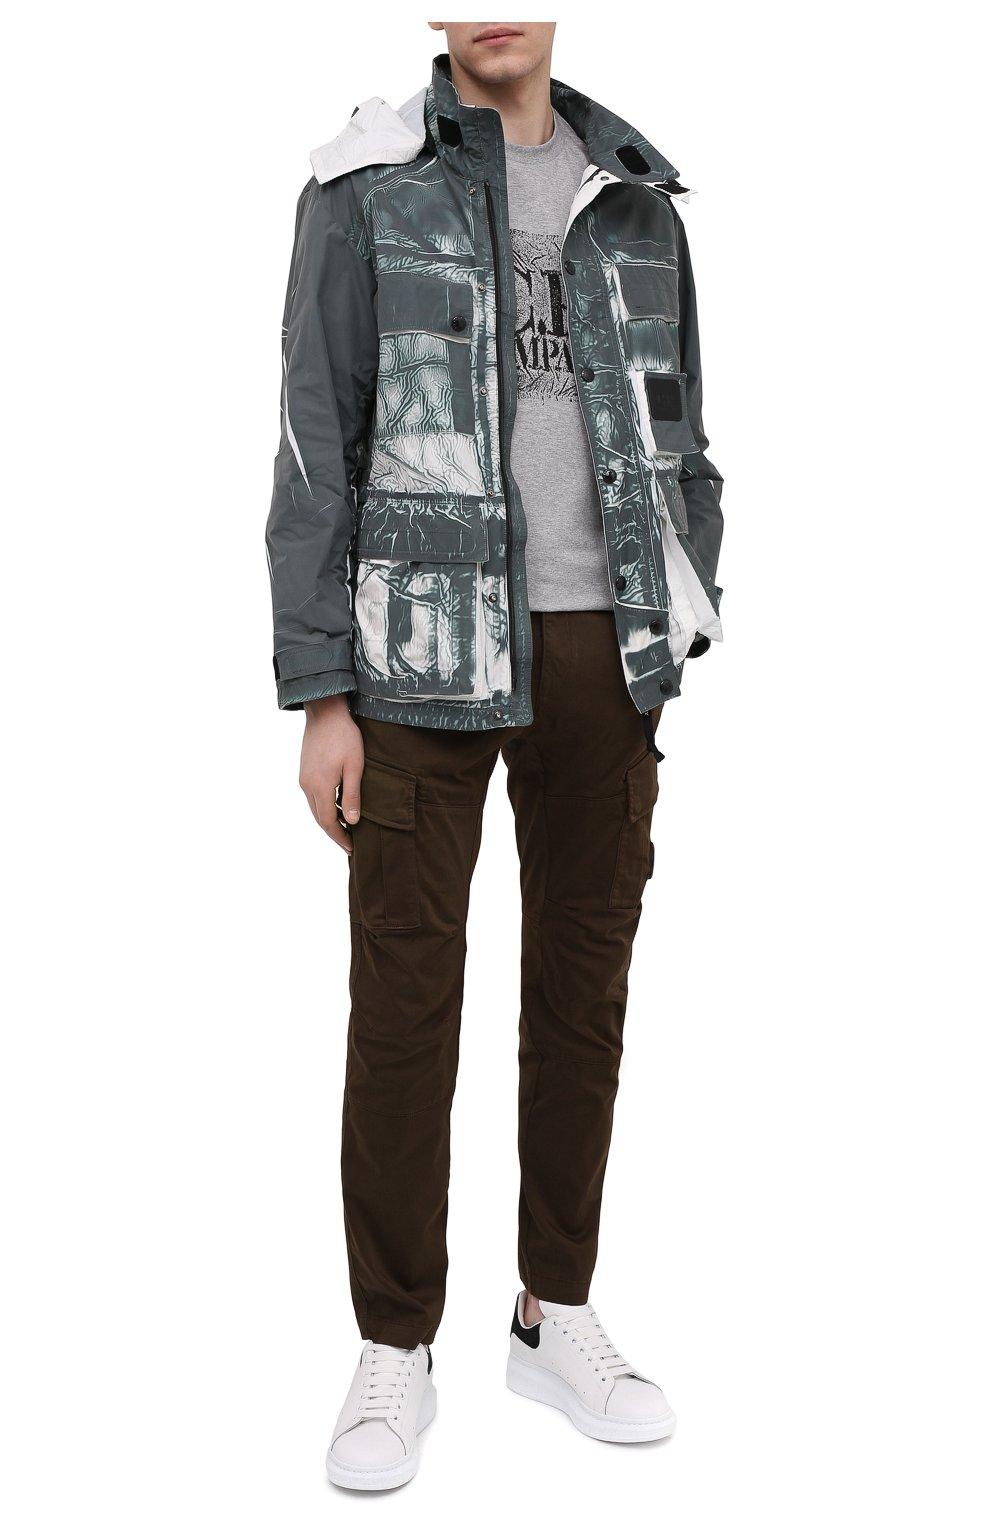 Мужские хлопковые брюки-карго C.P. COMPANY хаки цвета, арт. 10CMPA151A-005694G | Фото 2 (Силуэт М (брюки): Карго; Длина (брюки, джинсы): Стандартные; Случай: Повседневный; Стили: Гранж; Материал внешний: Хлопок)